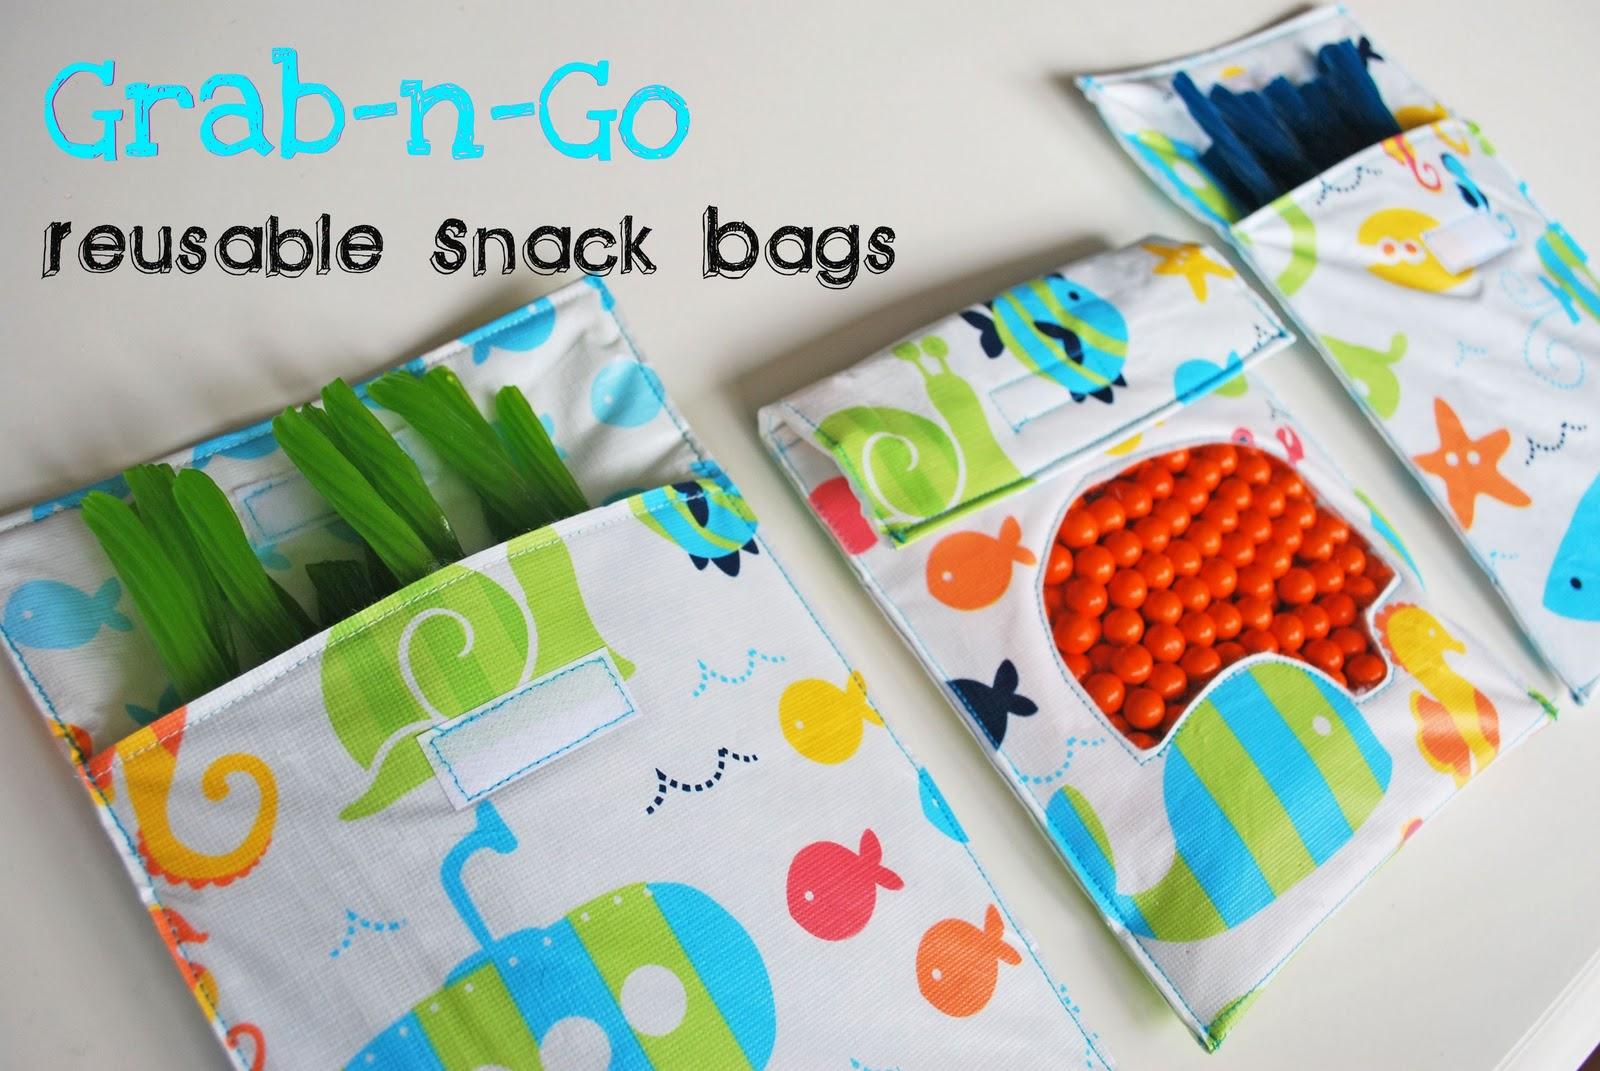 Grab N Go Reusable Snack Bags Tutorial